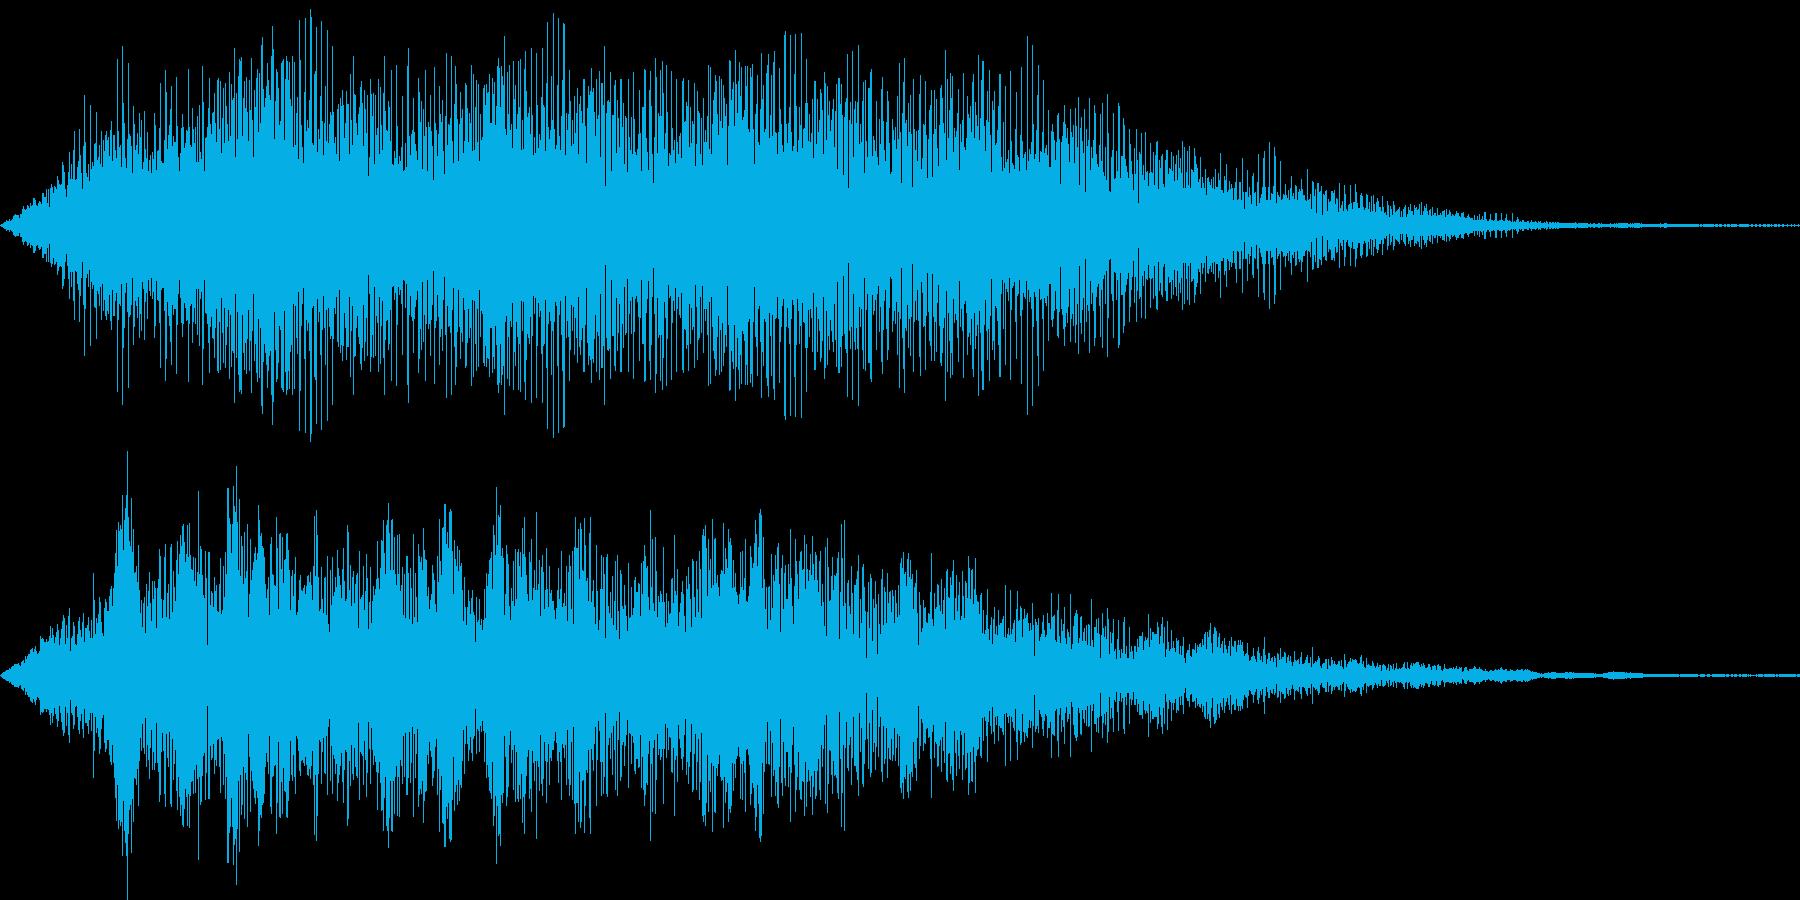 暗黒のオーラ(闇の力が辺りを包む)の再生済みの波形